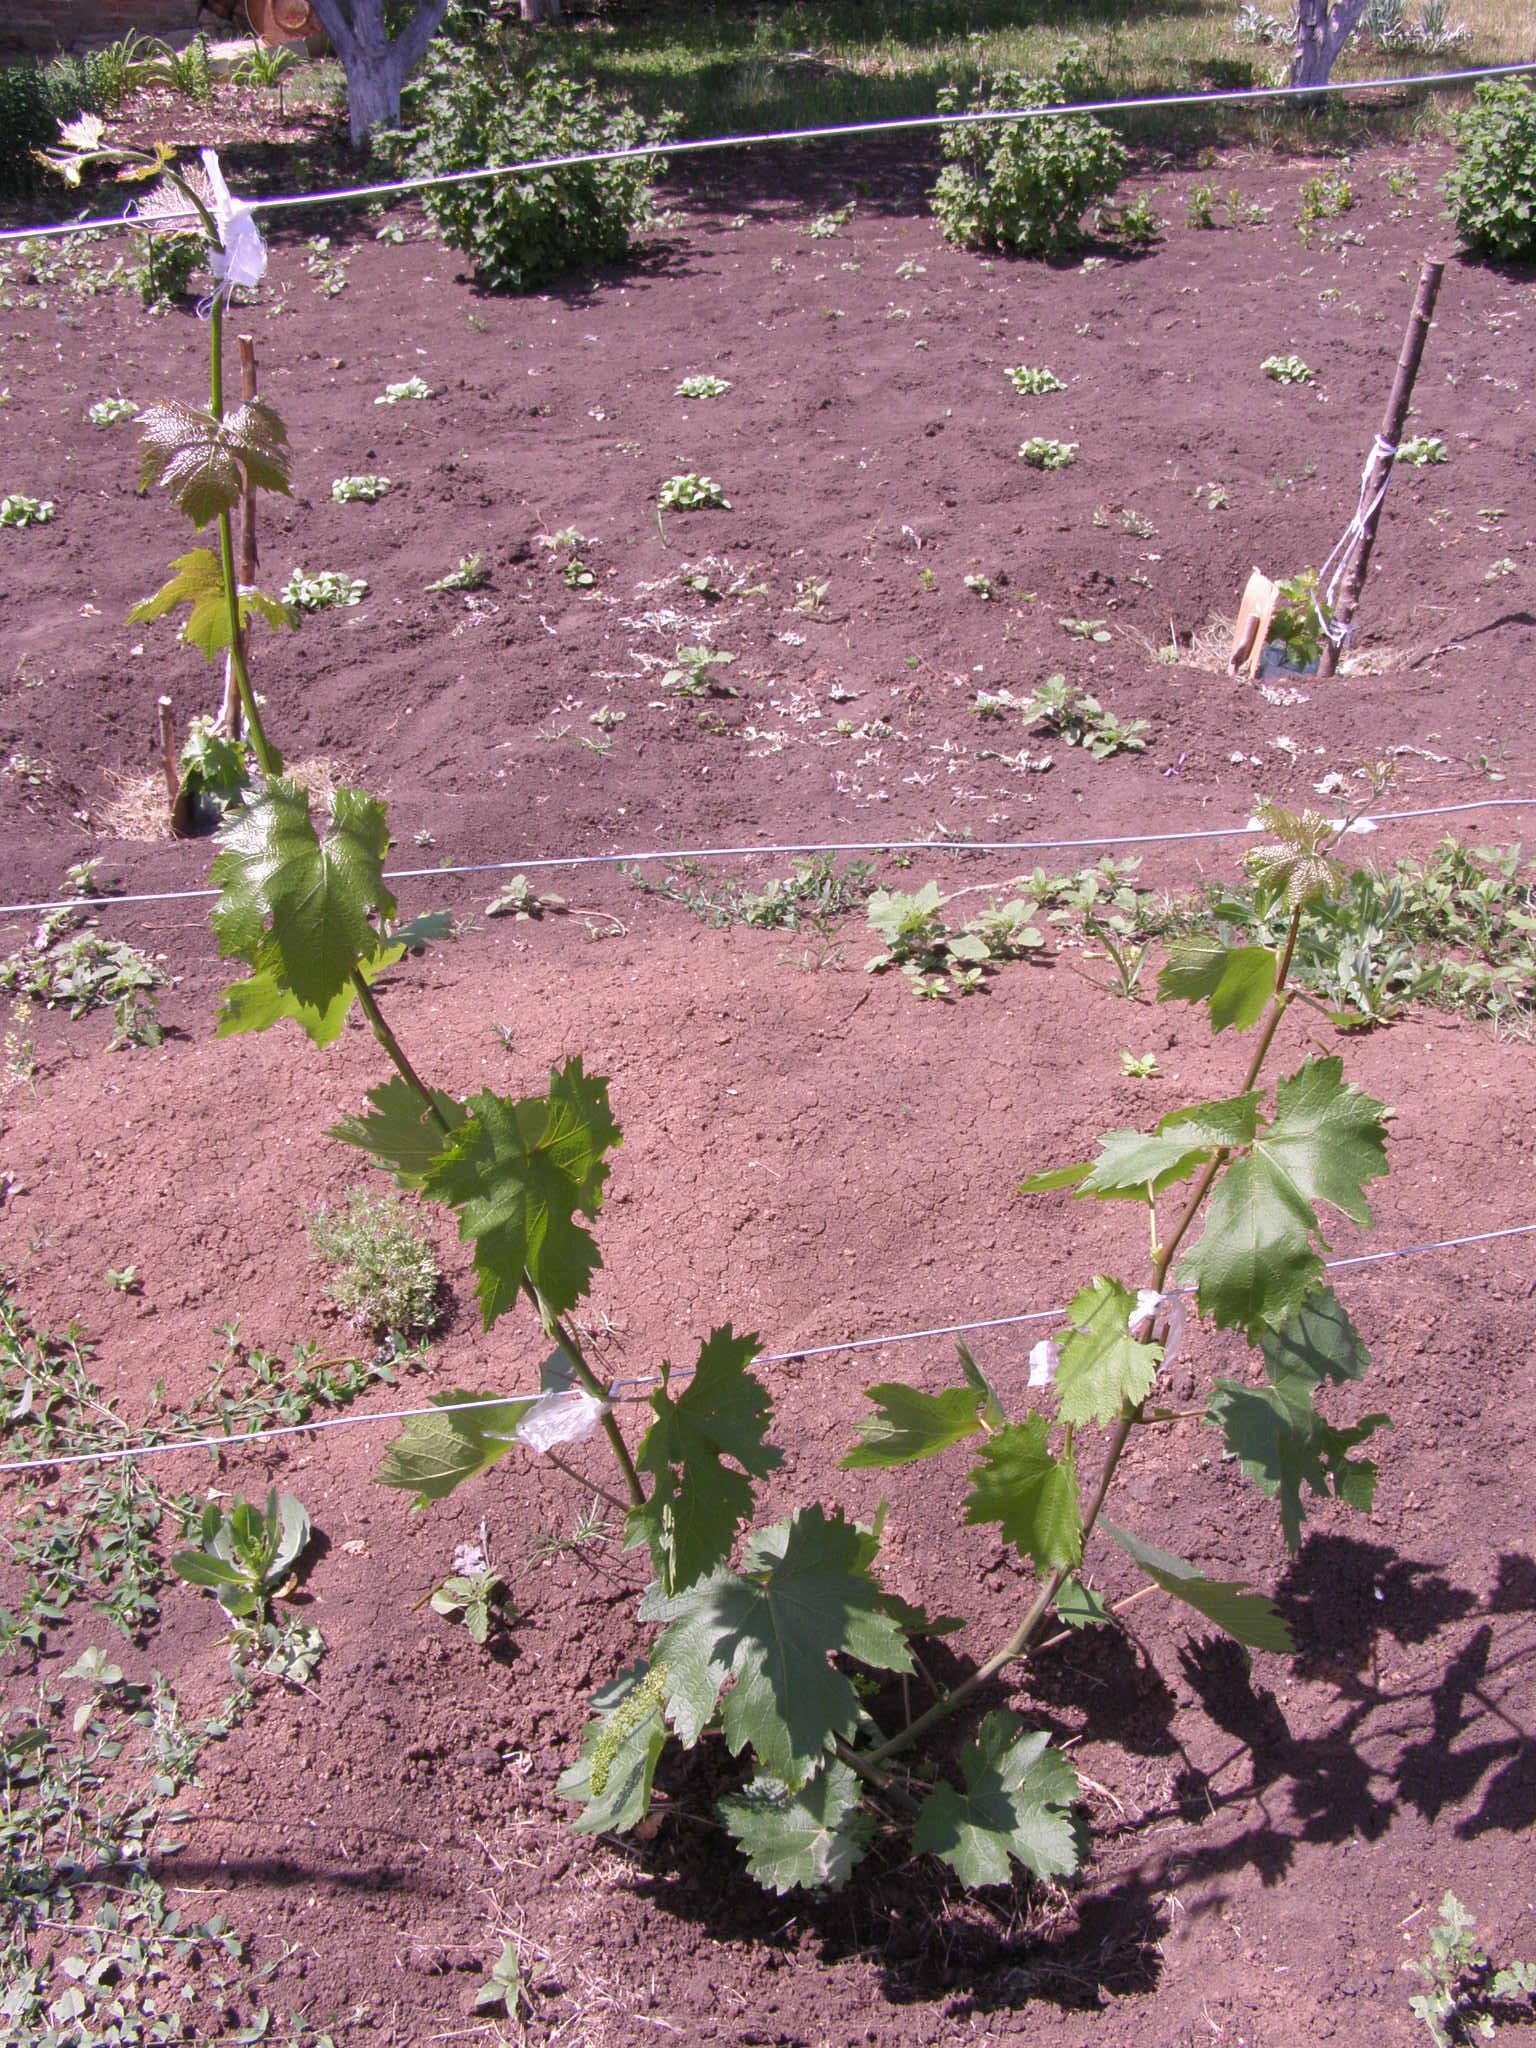 Виноград на урале: особенности выращивания, подходящие сорта